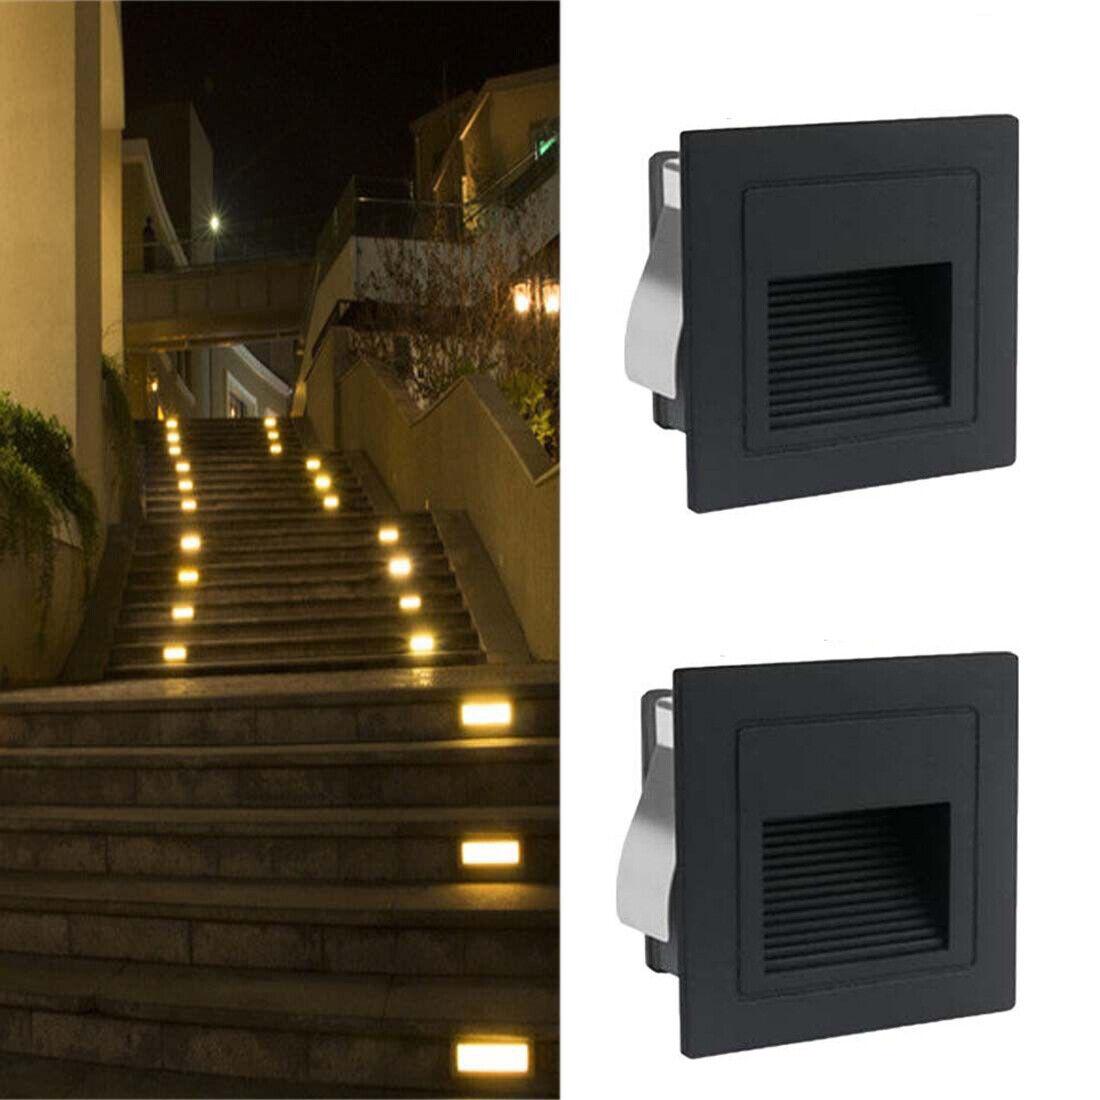 1-10er Set LED Wandeinbauleuchte Treppenlicht Stufenlicht 230V schwarz aussen